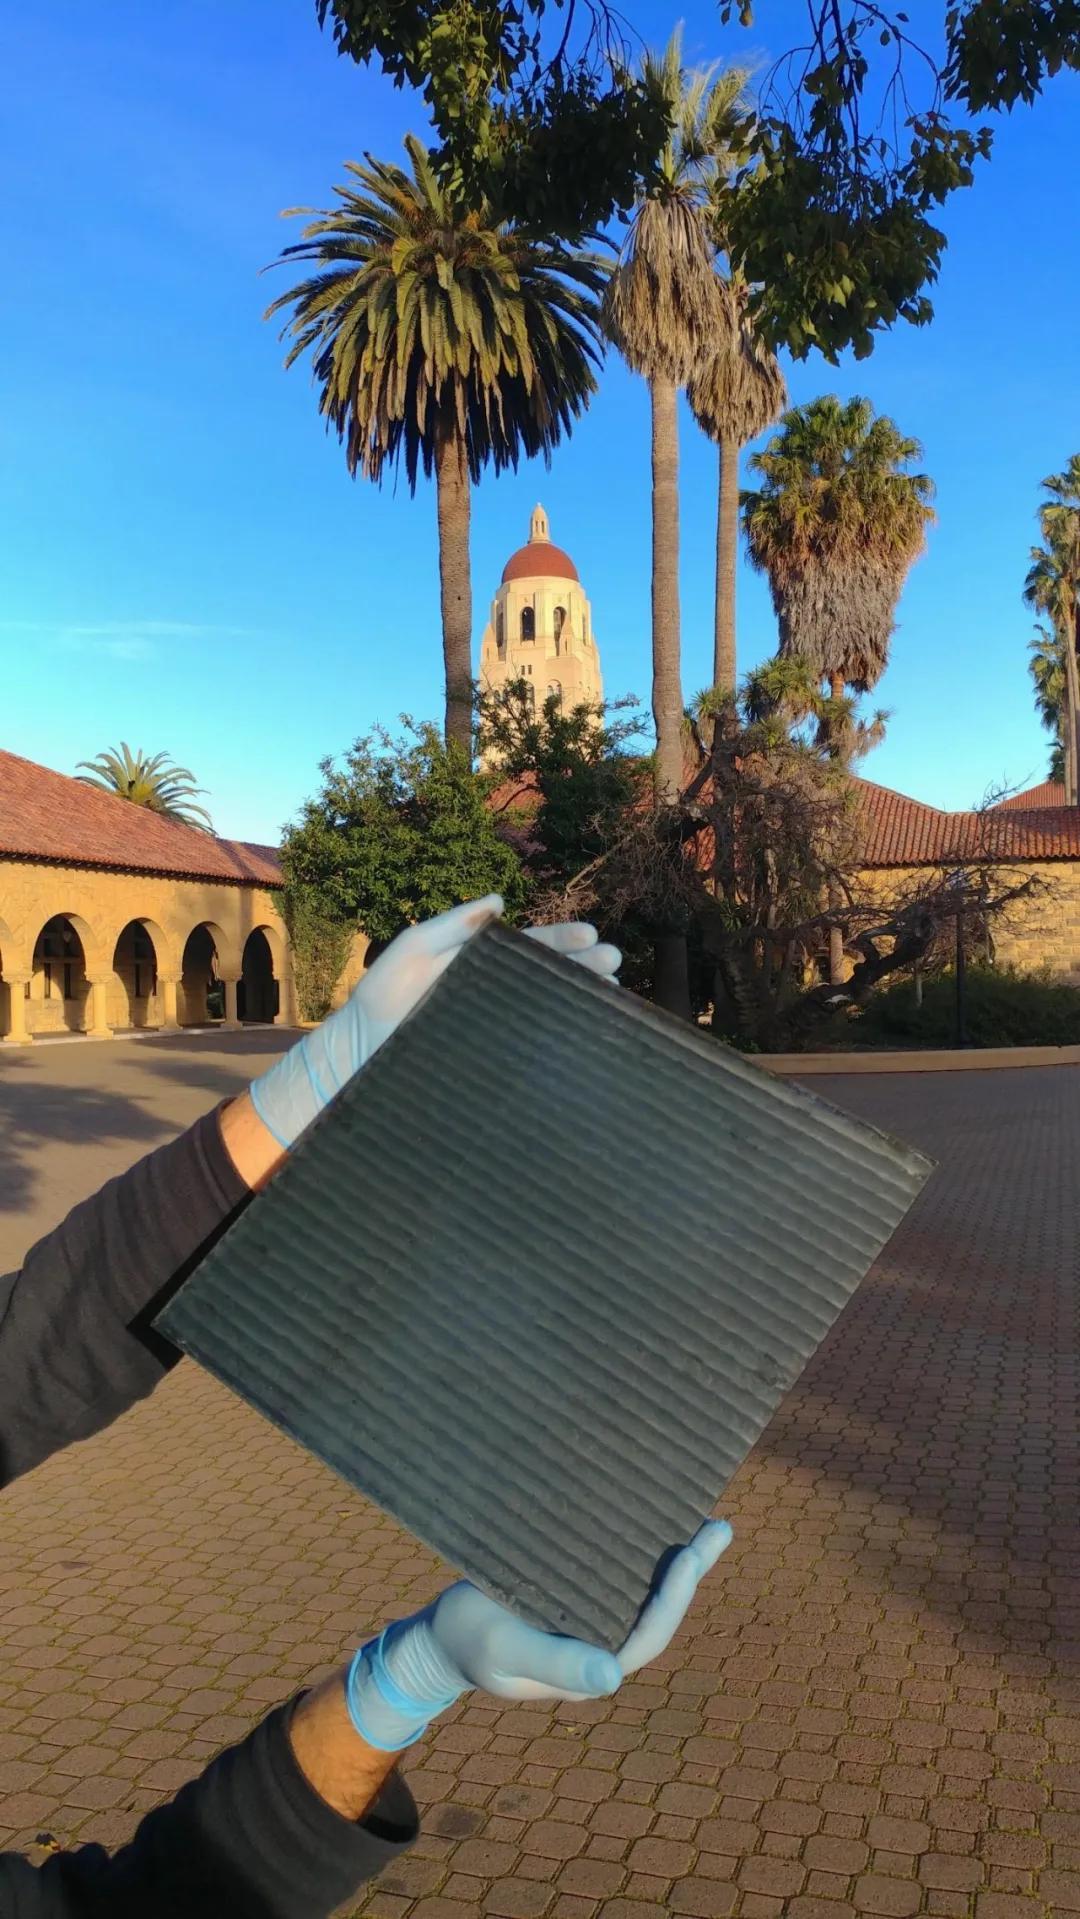 科研团队取得太阳能电池材料新突破:?便宜100倍,可快速制备